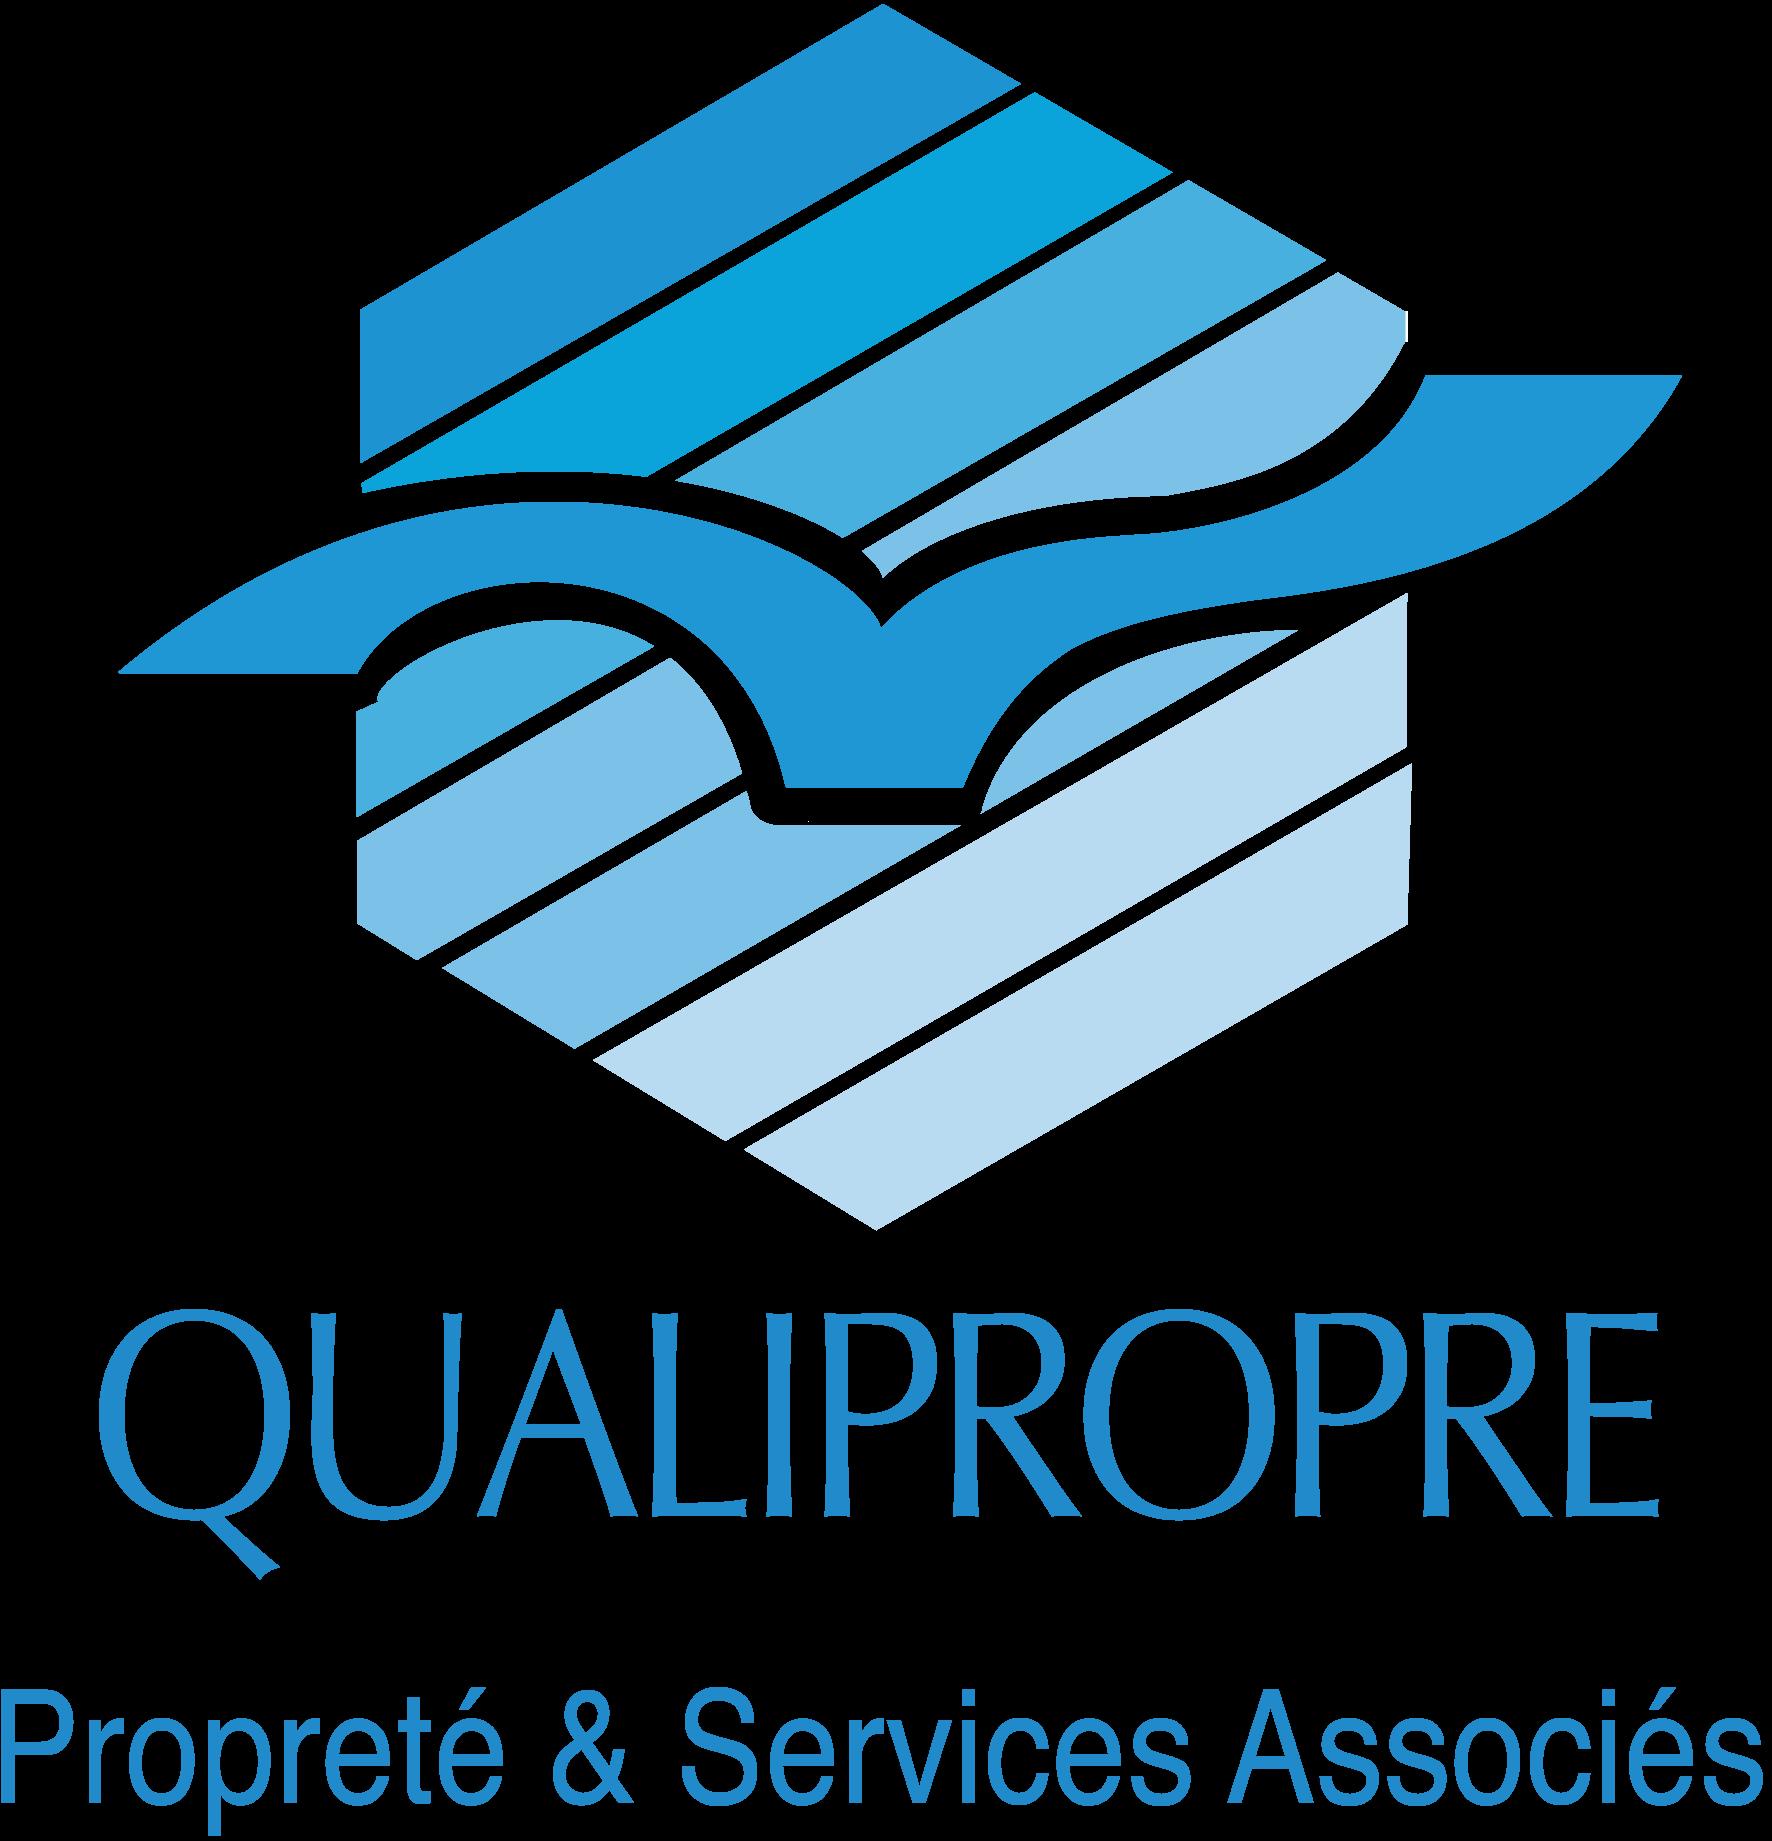 Le Groupe Saturne - Qualipropre - Certification - Nettoyage professionnel - Entreprise de nettoyage